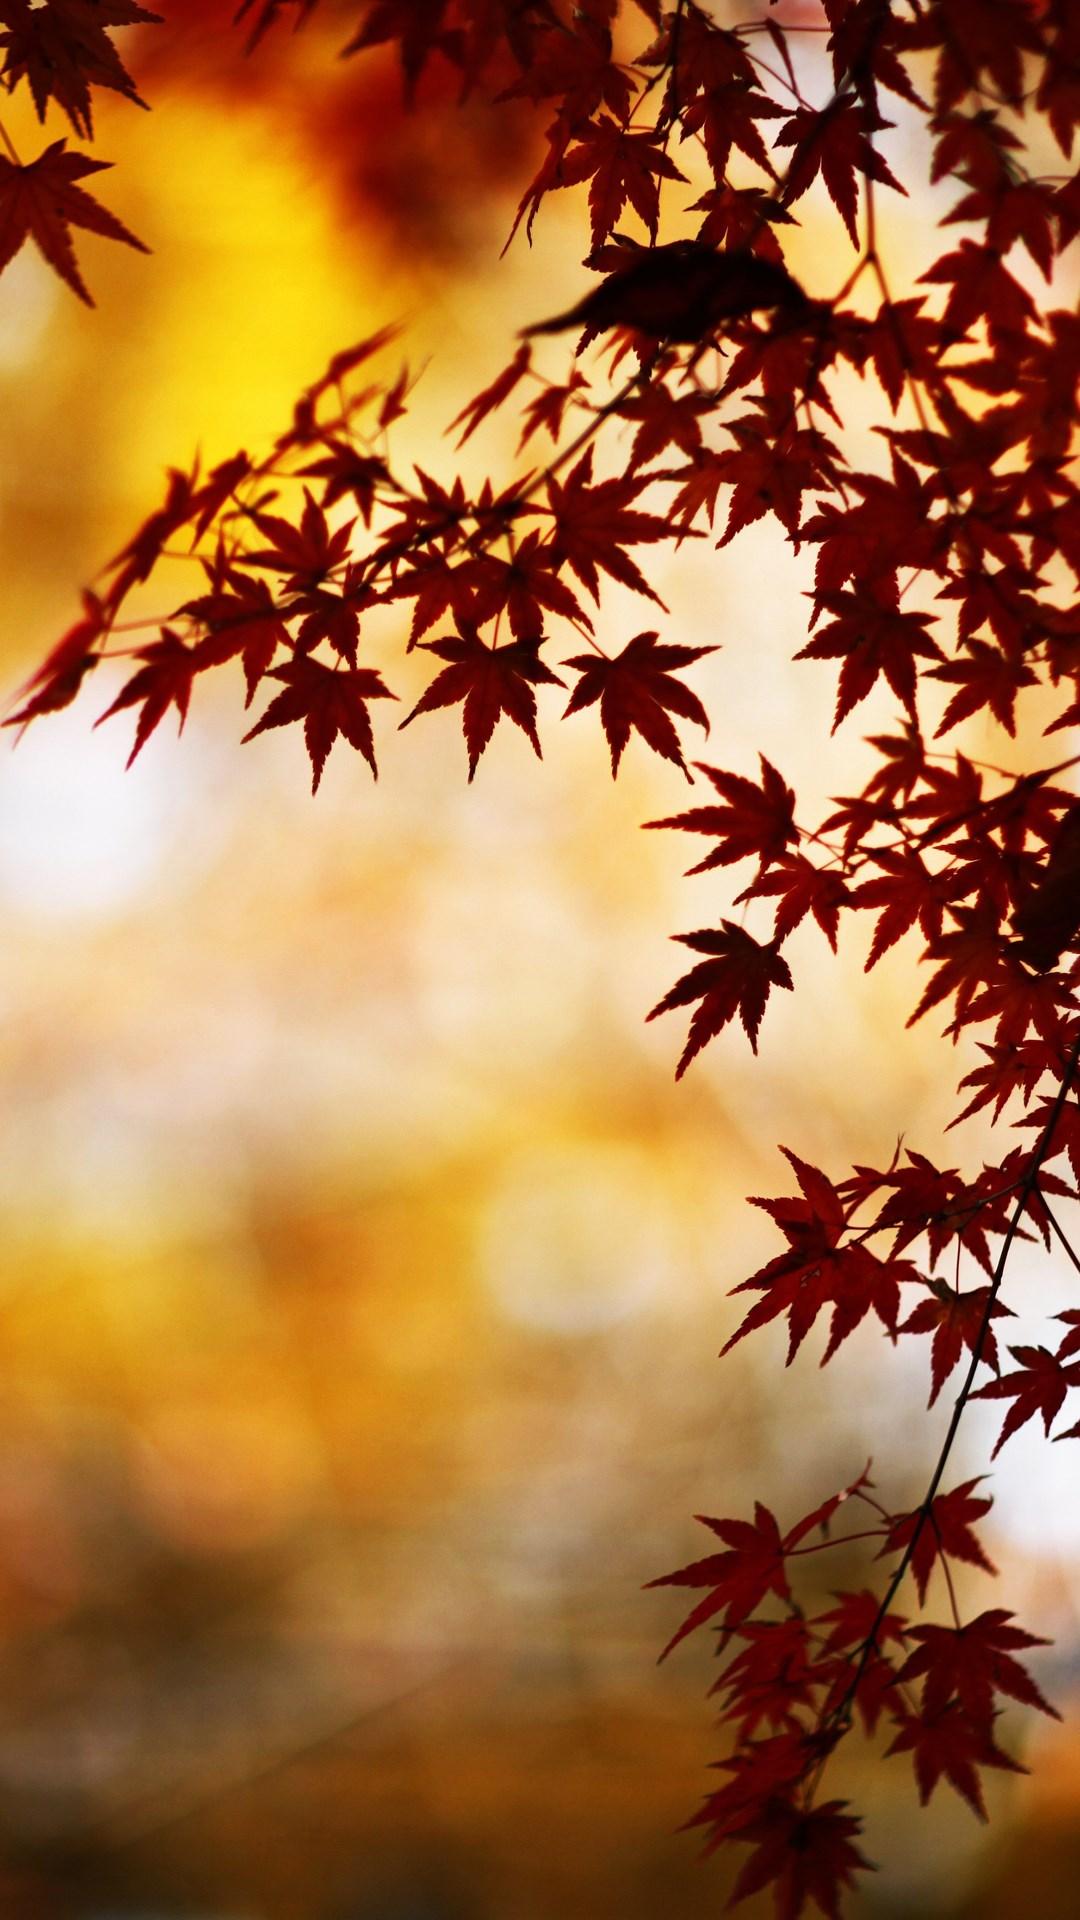 Fall Pumpkin Wallpaper Wallpapers Of The Week Autumn